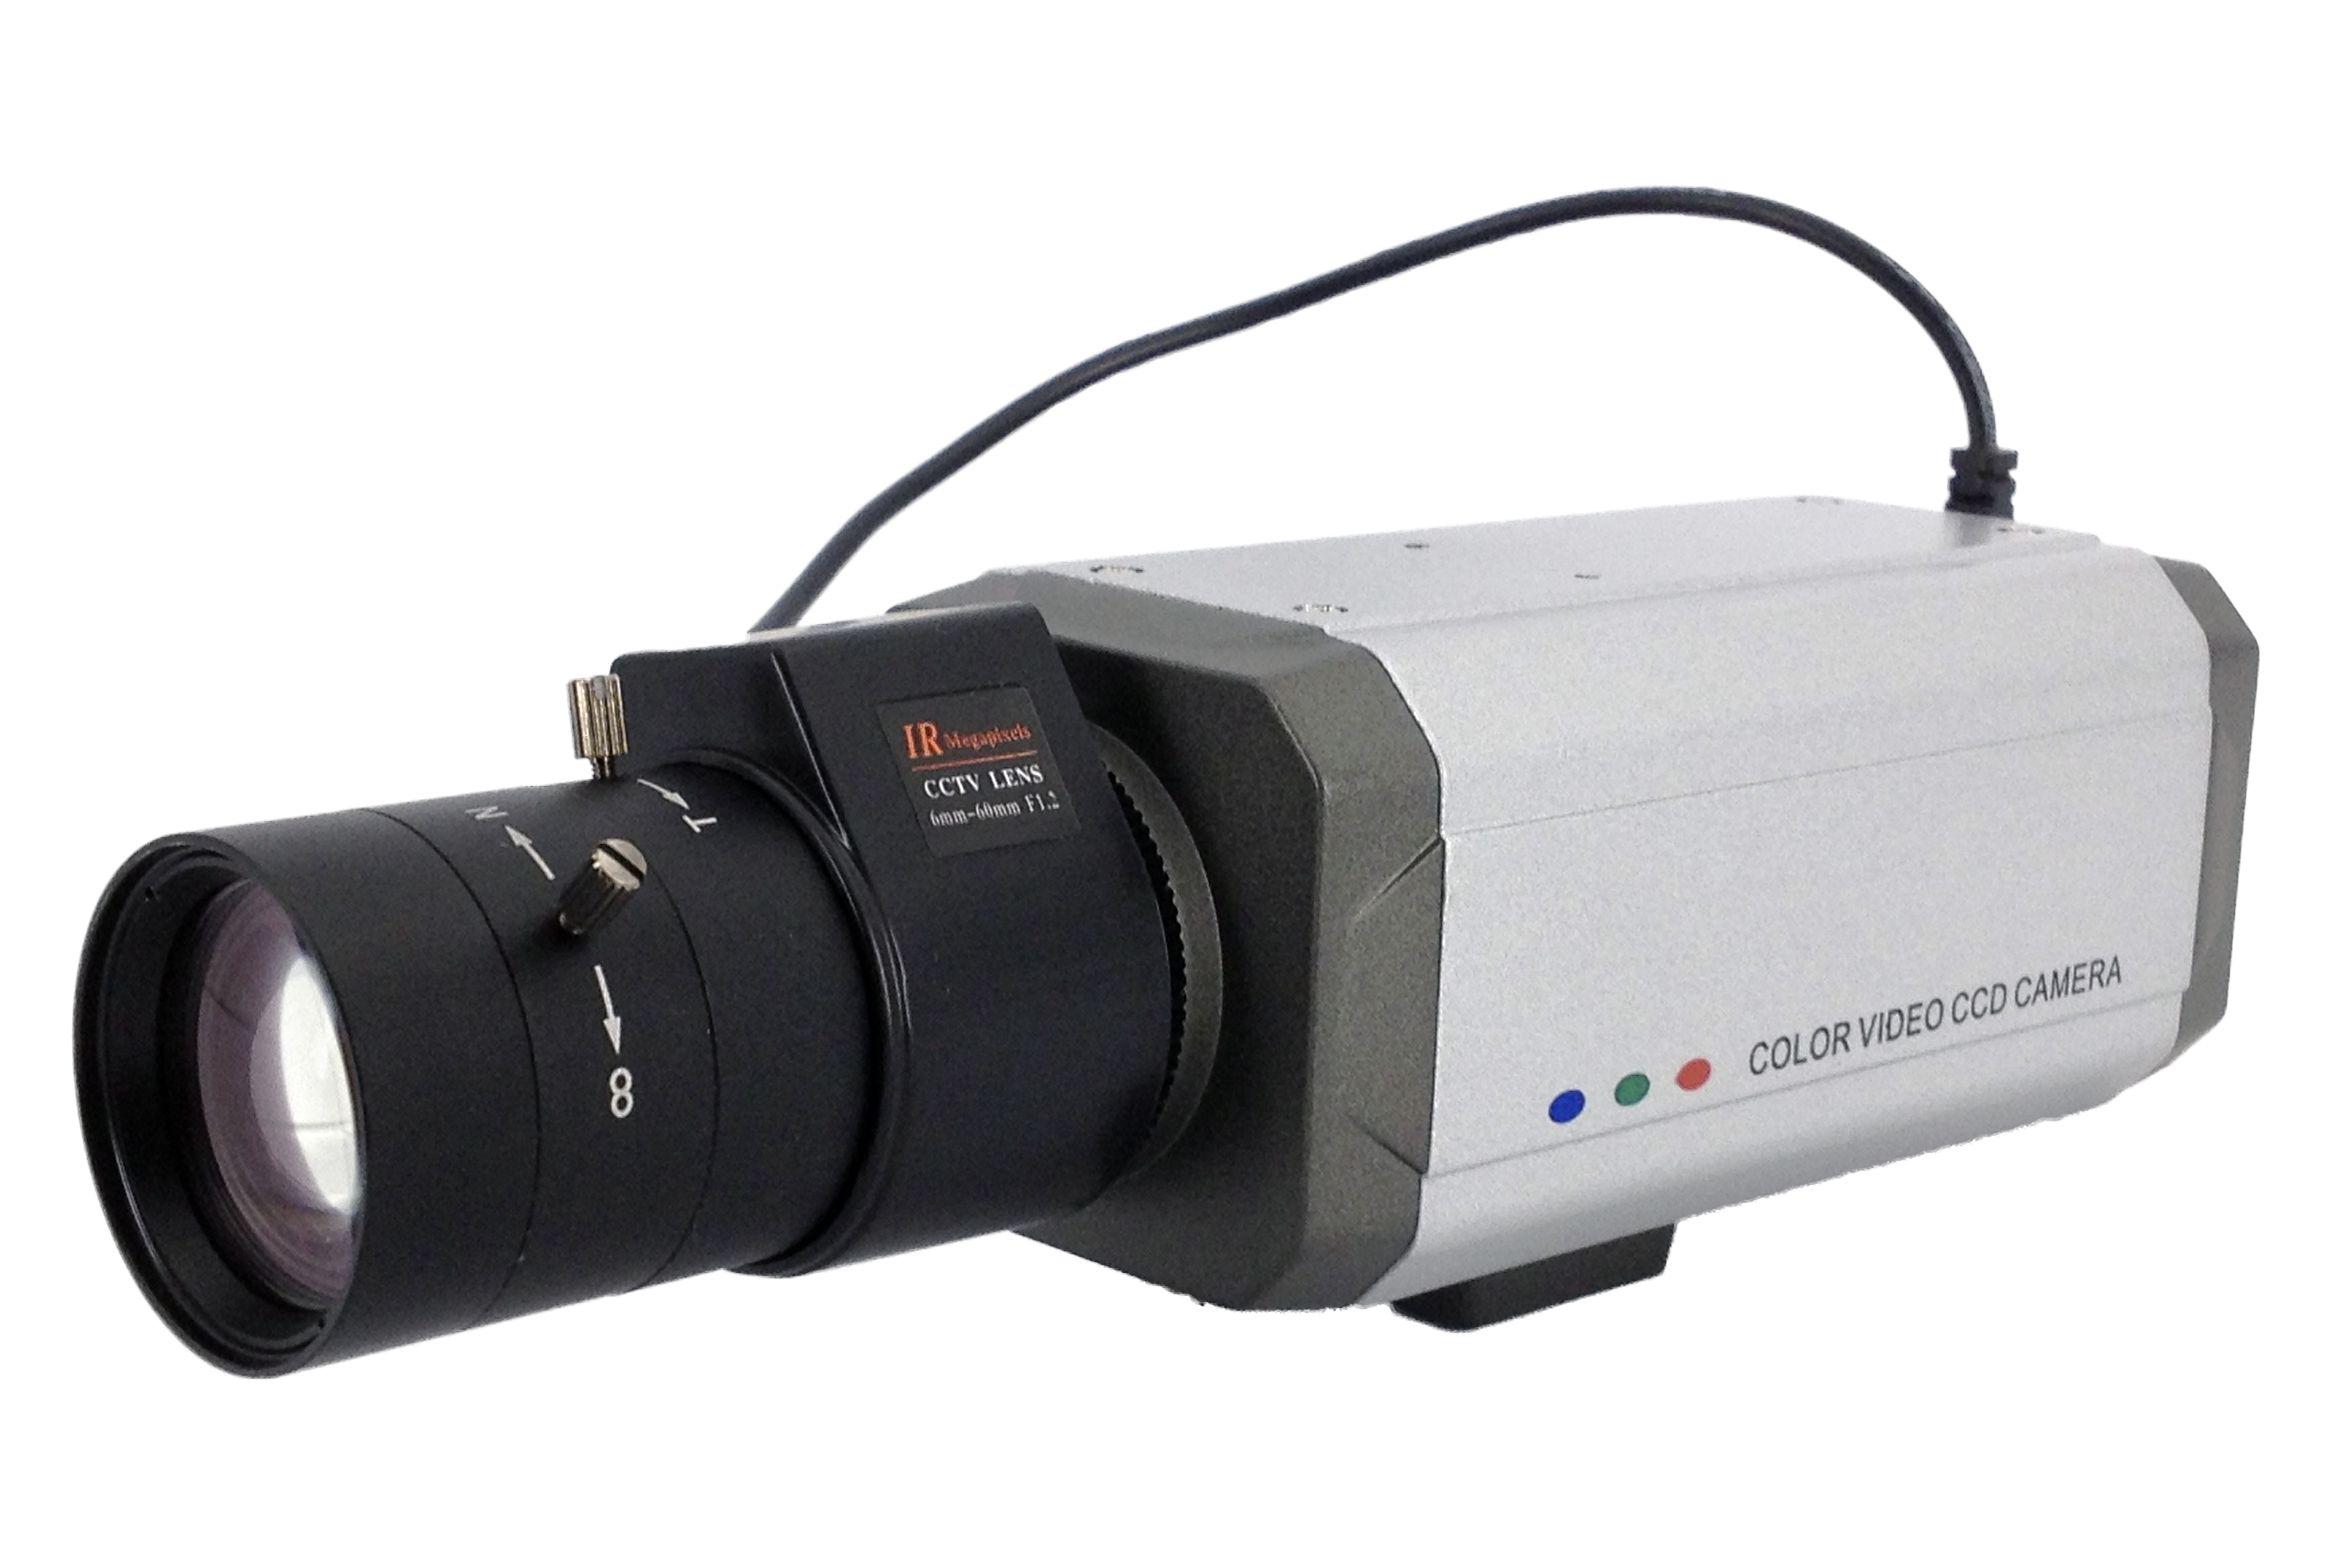 Купить маленькую камеру видеонаблюдения с записью для видеонаблюдения